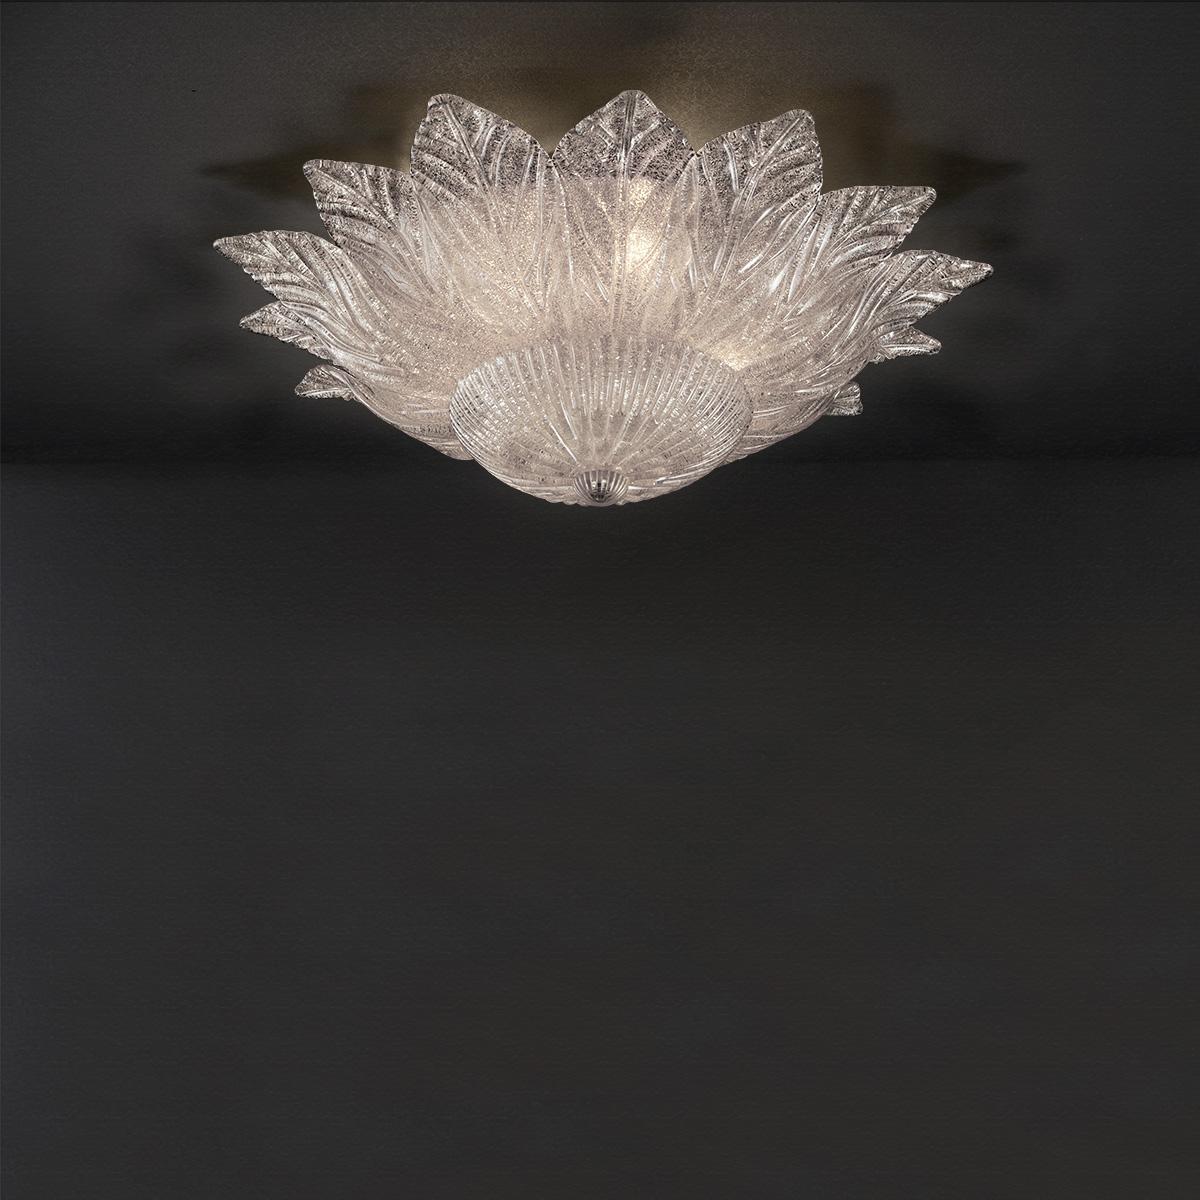 Φωτιστικό οροφής με φύλλα Μουράνο STELLA ceiling lamp with crystal leaves